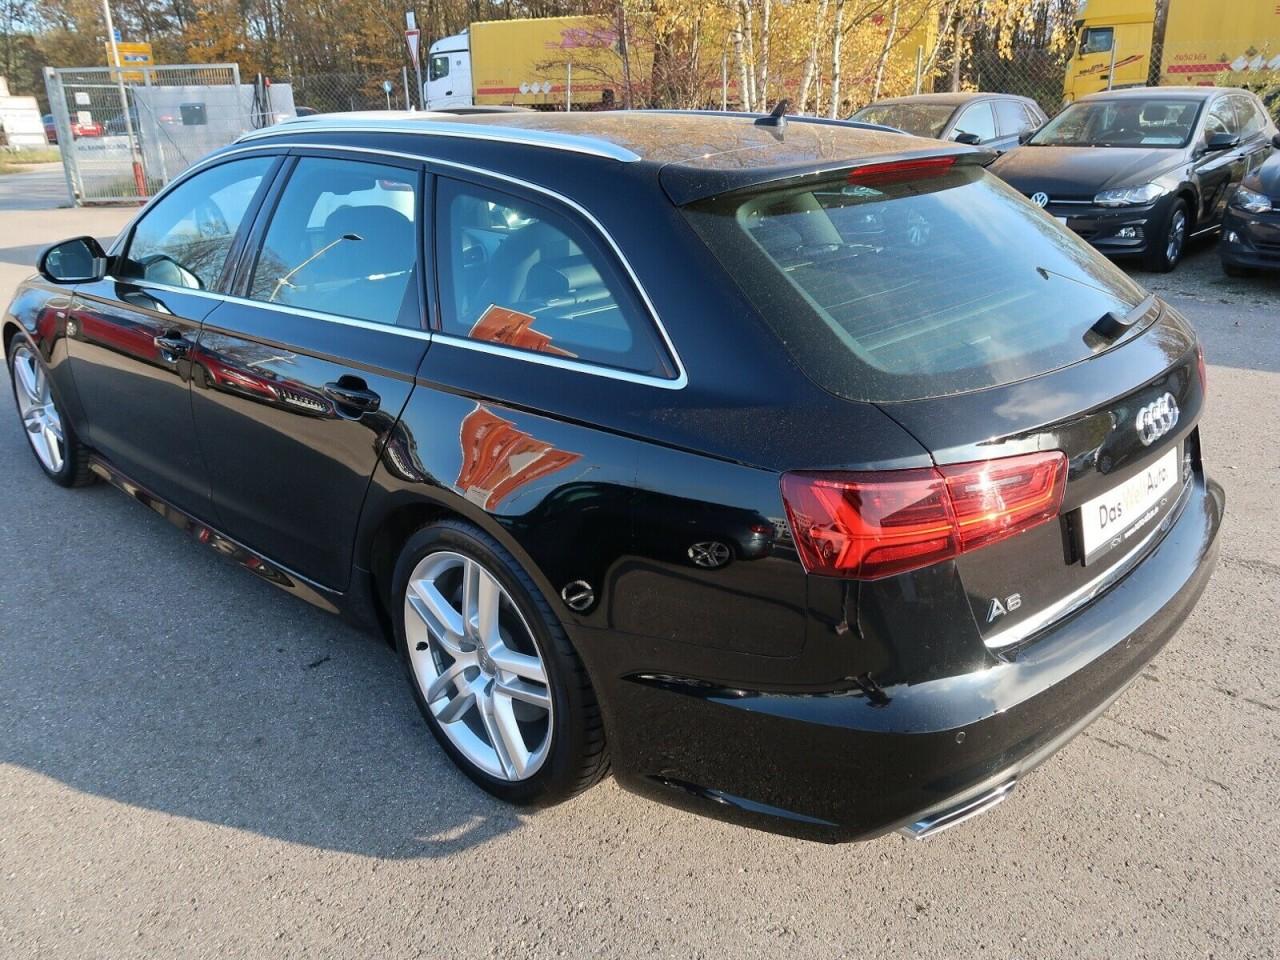 Audi A6 AVANT 3,0 TDI Q. S TRONIC